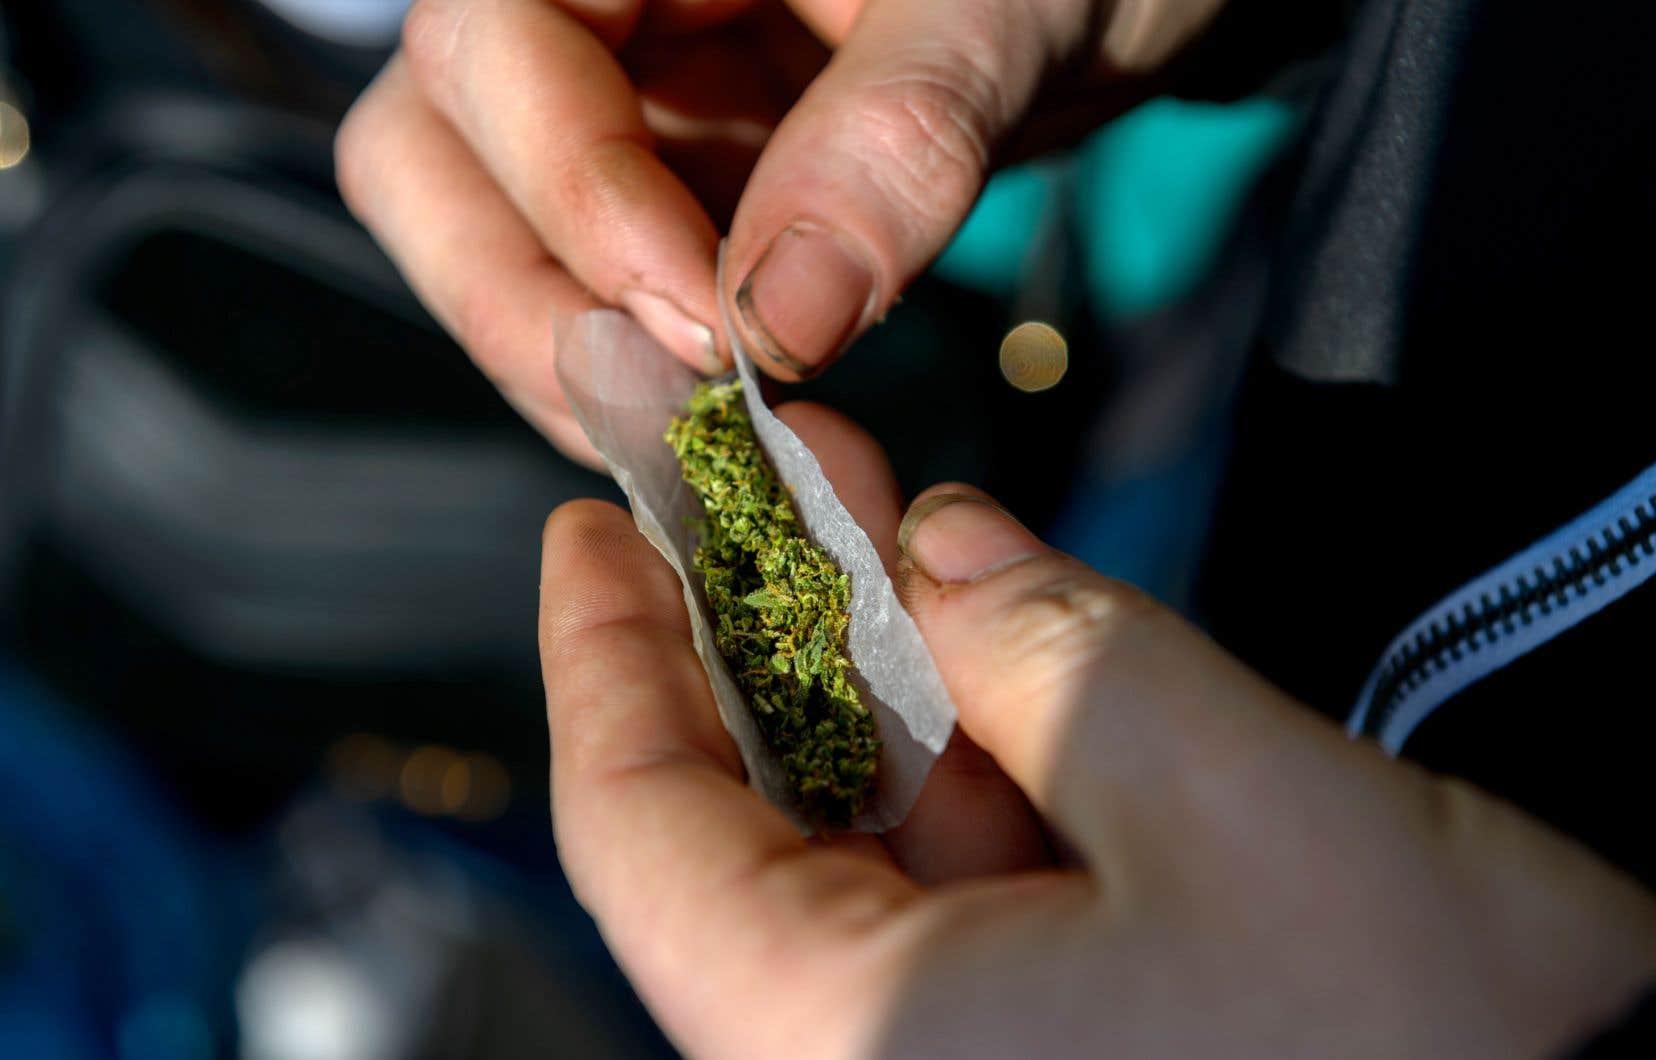 La prohibition n'empêchera pas les jeunes d'avoir accès au cannabis, estime l'auteur.